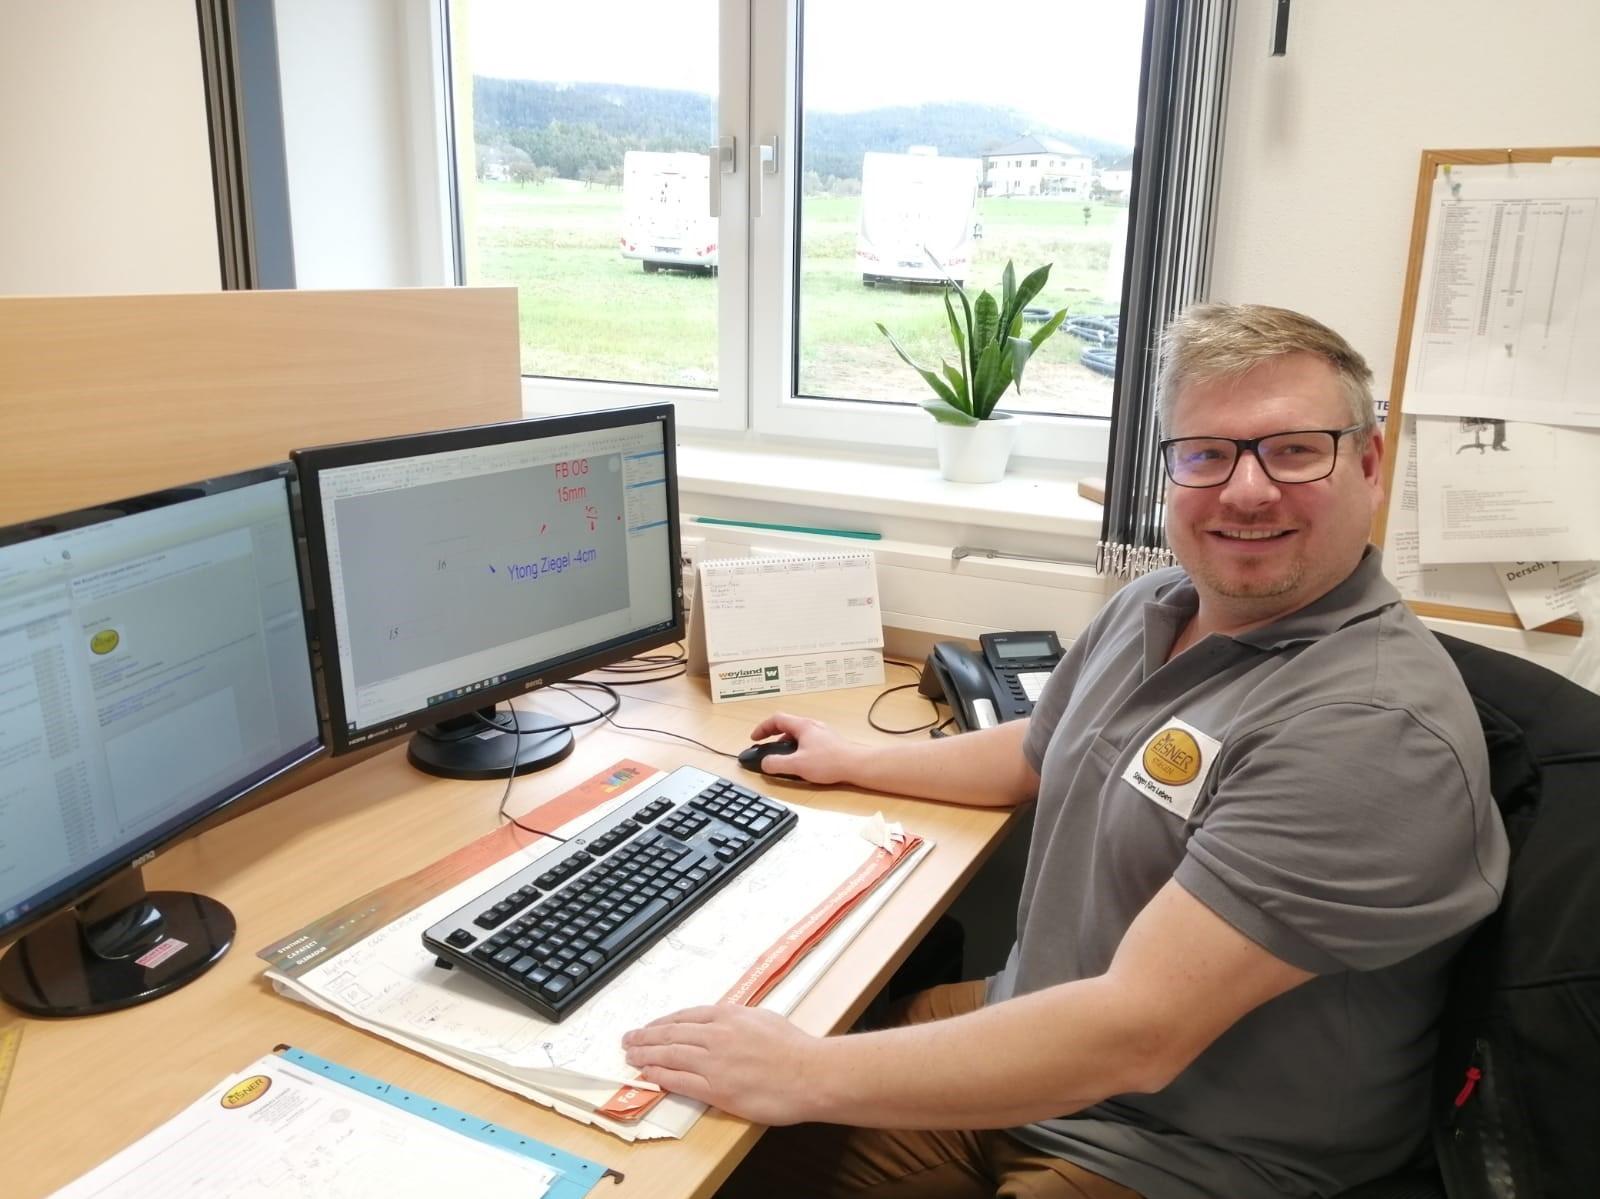 Ing. Markus Pfoser